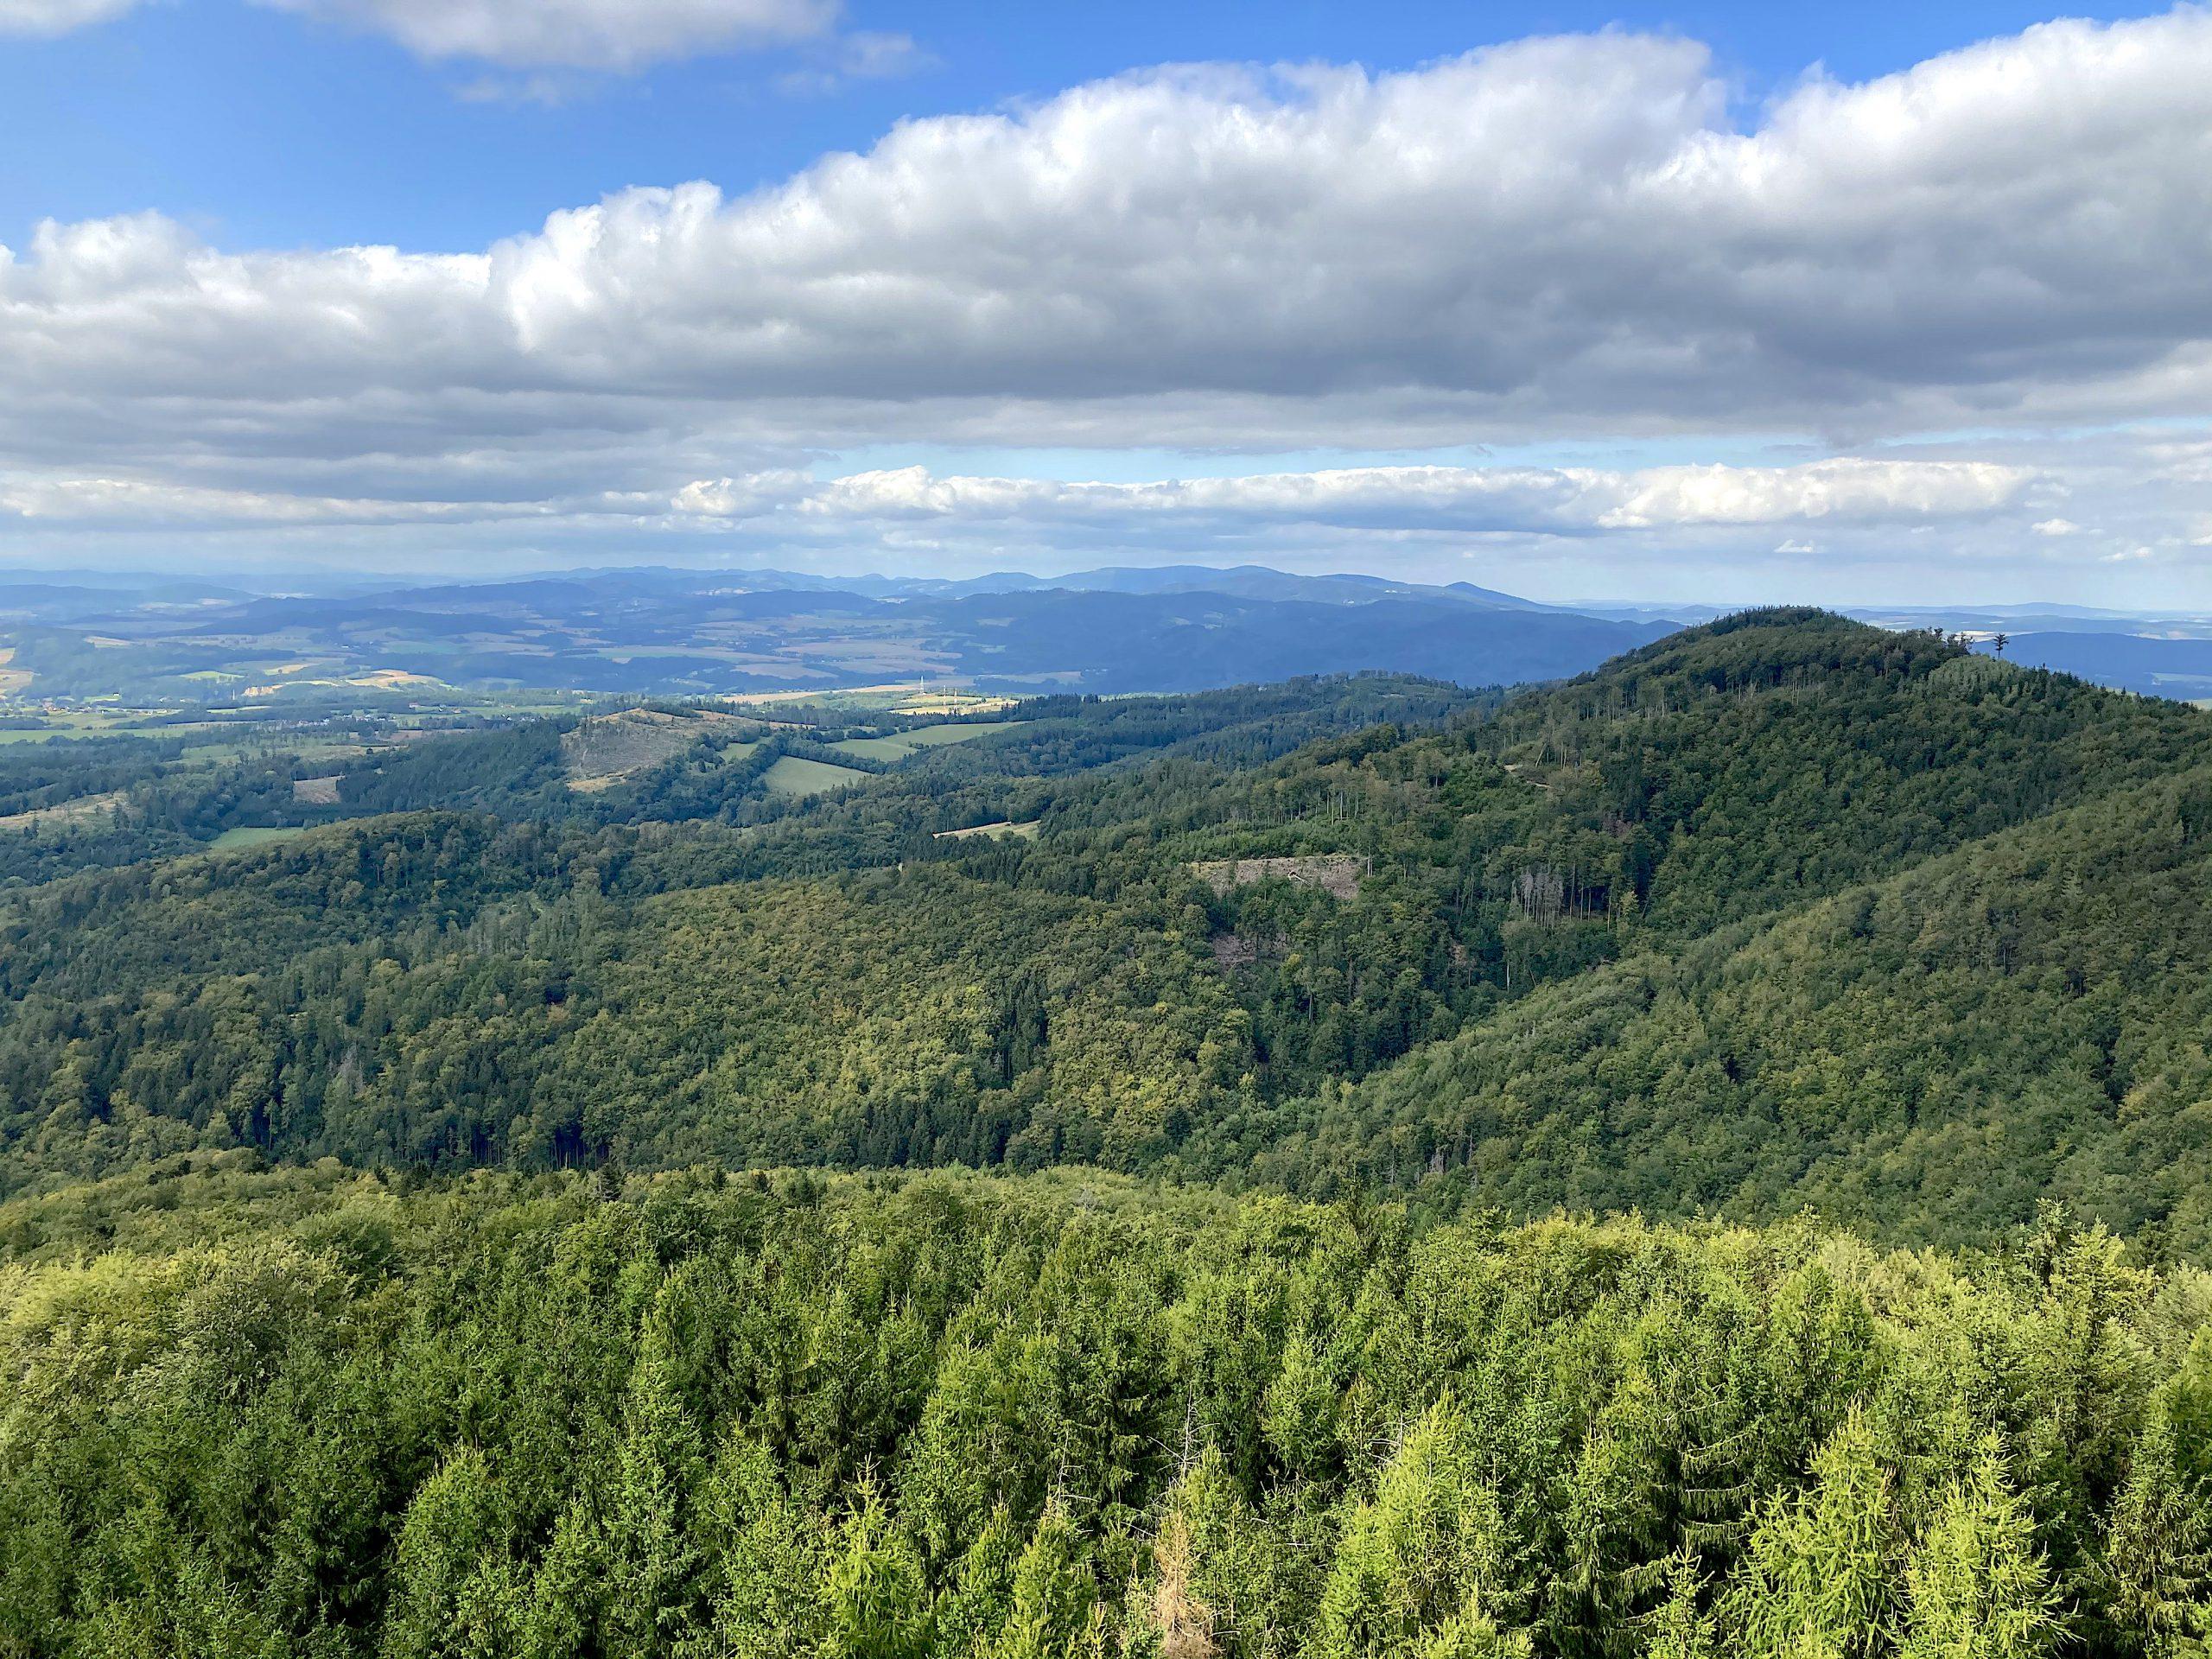 Widok z wieży widokowej na Kłodzkiej Górze